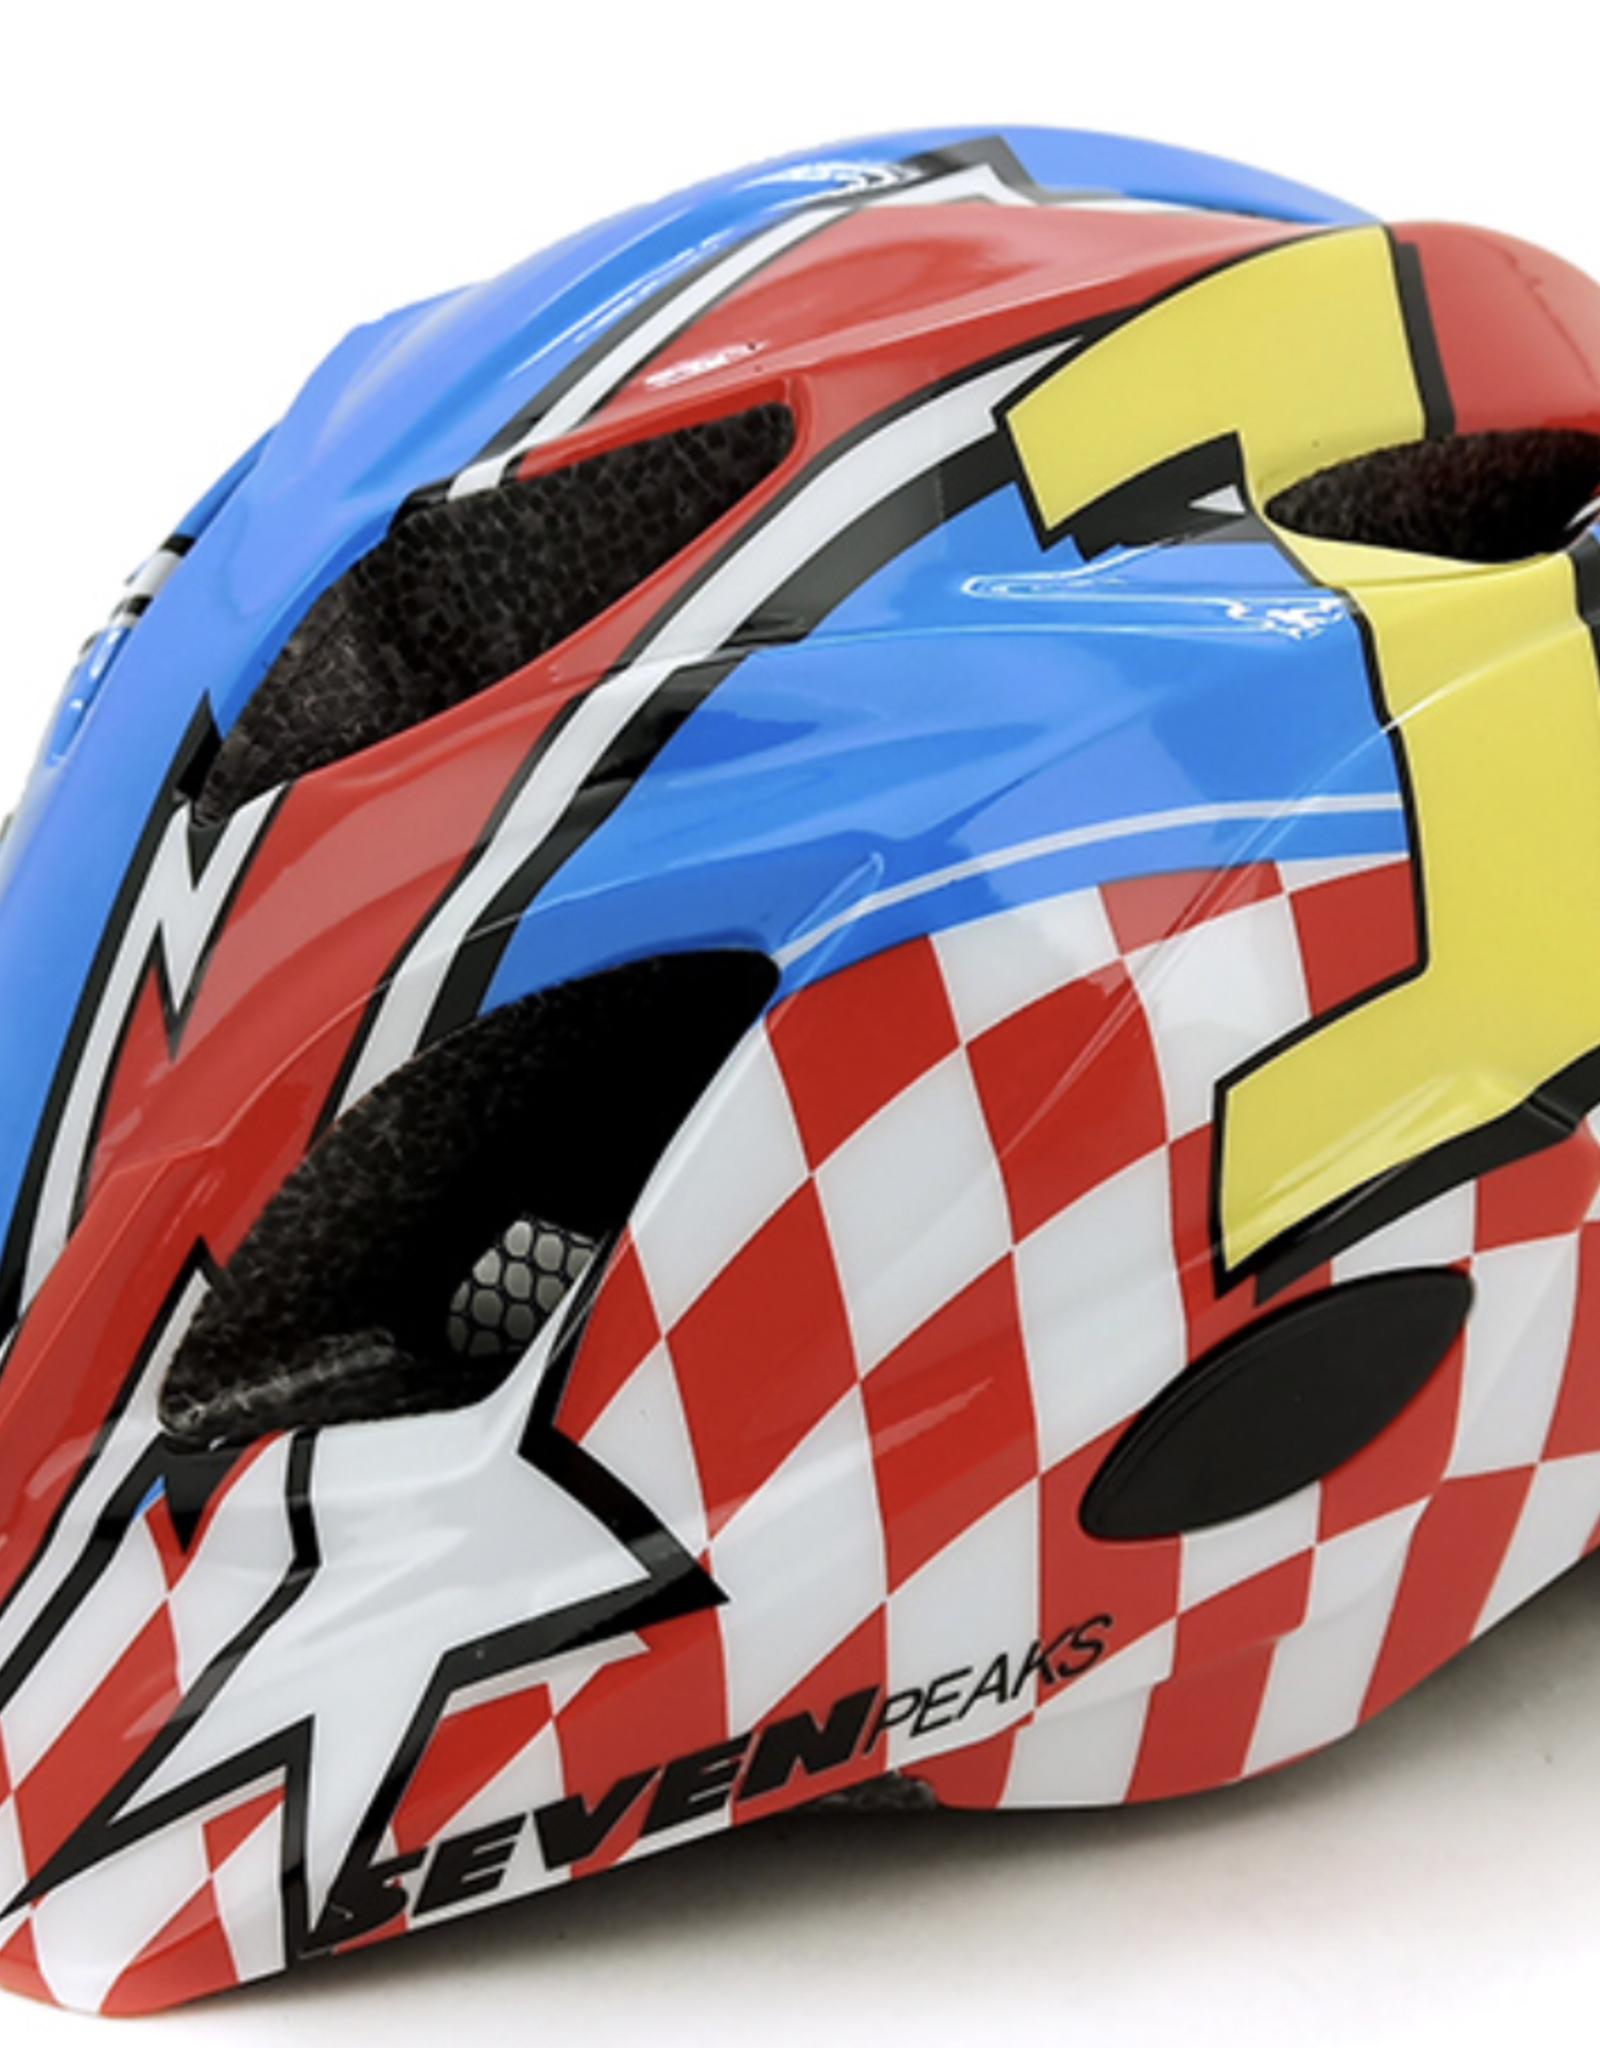 SEVEN PEAKS Seven Peaks Jr Helmet - Racer